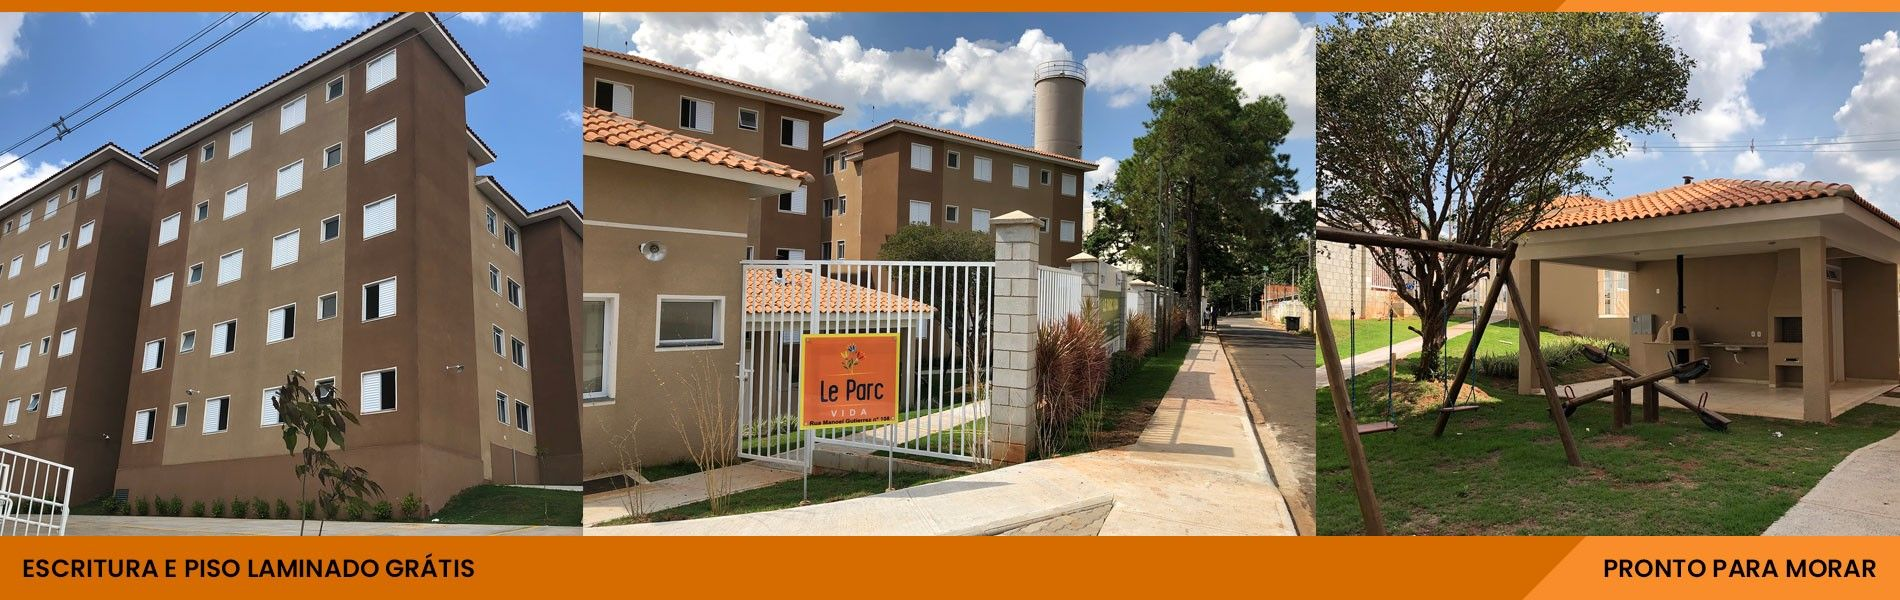 Le Parc Vida Apartamentos Sorocaba - SP - Magnum Construtora